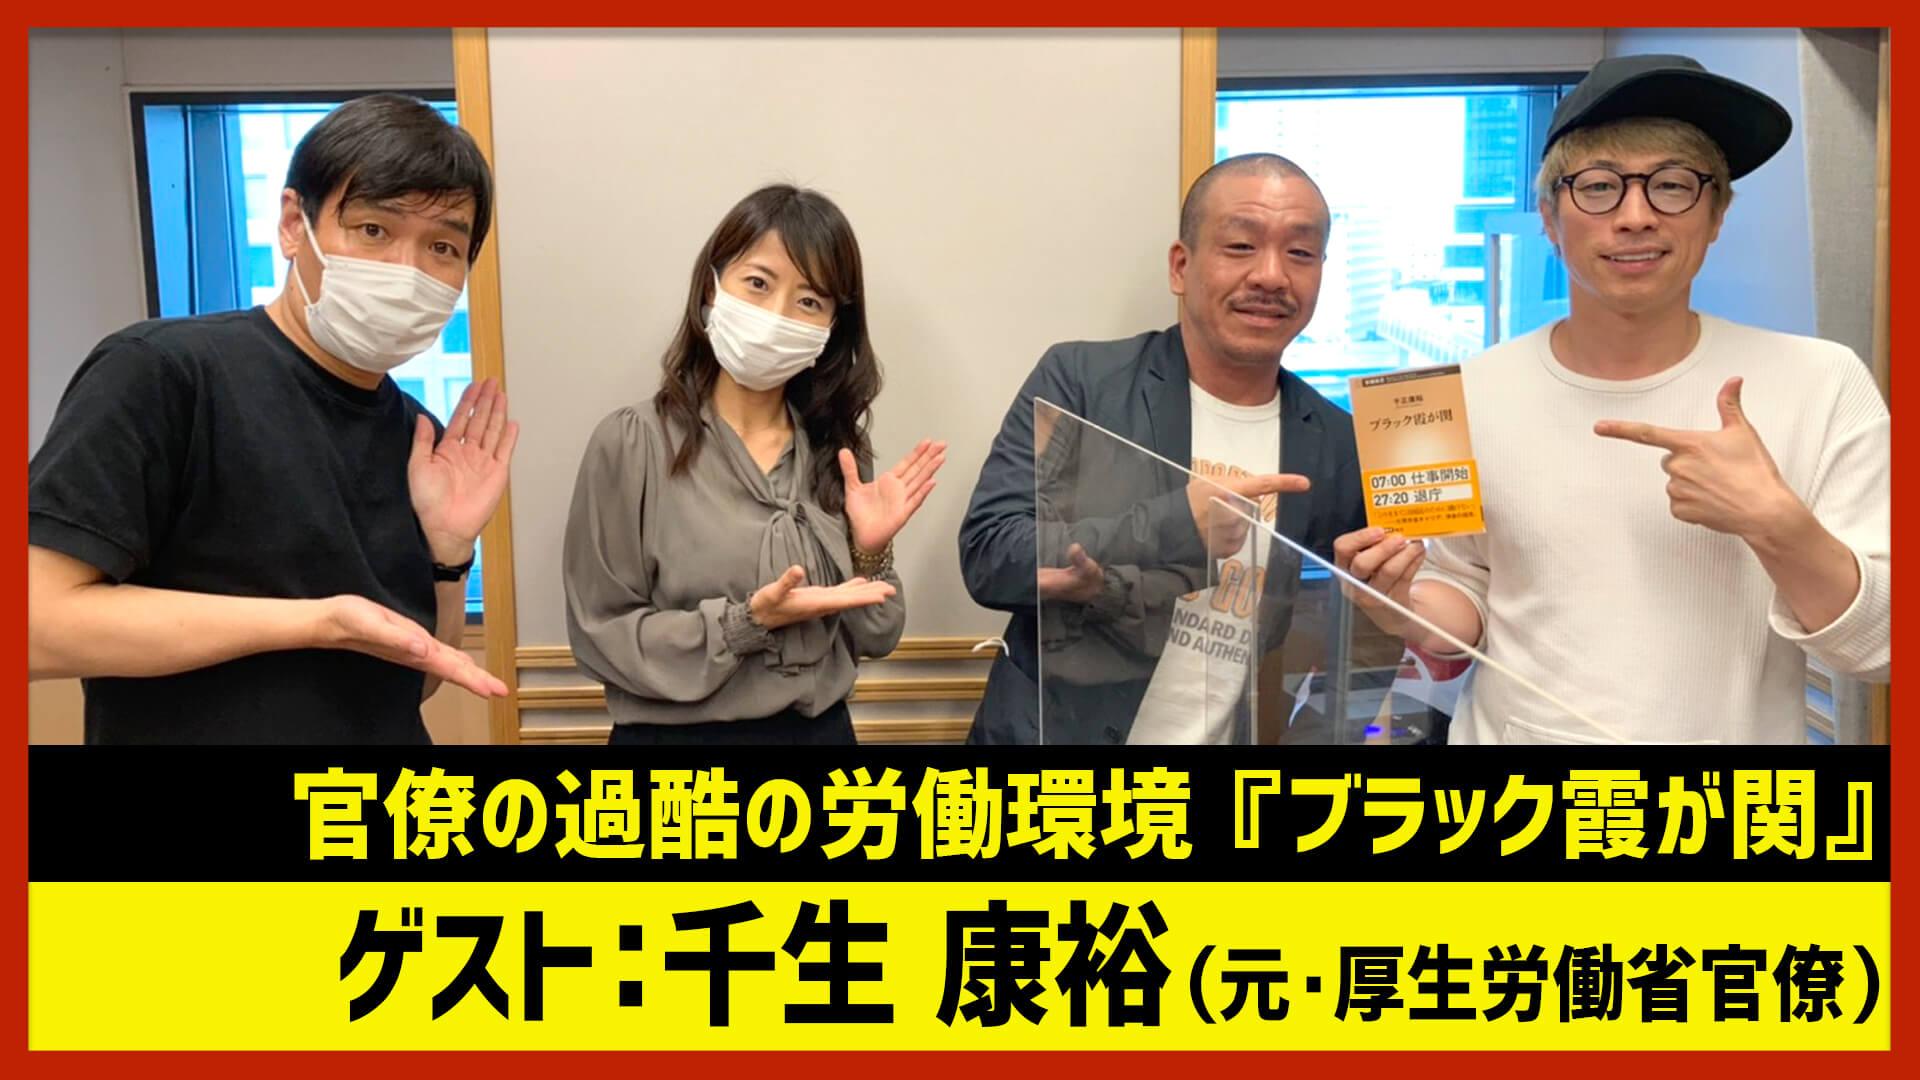 【田村淳のNewsCLUB】ゲスト: 千生康裕さん(2021年4月3日part2)